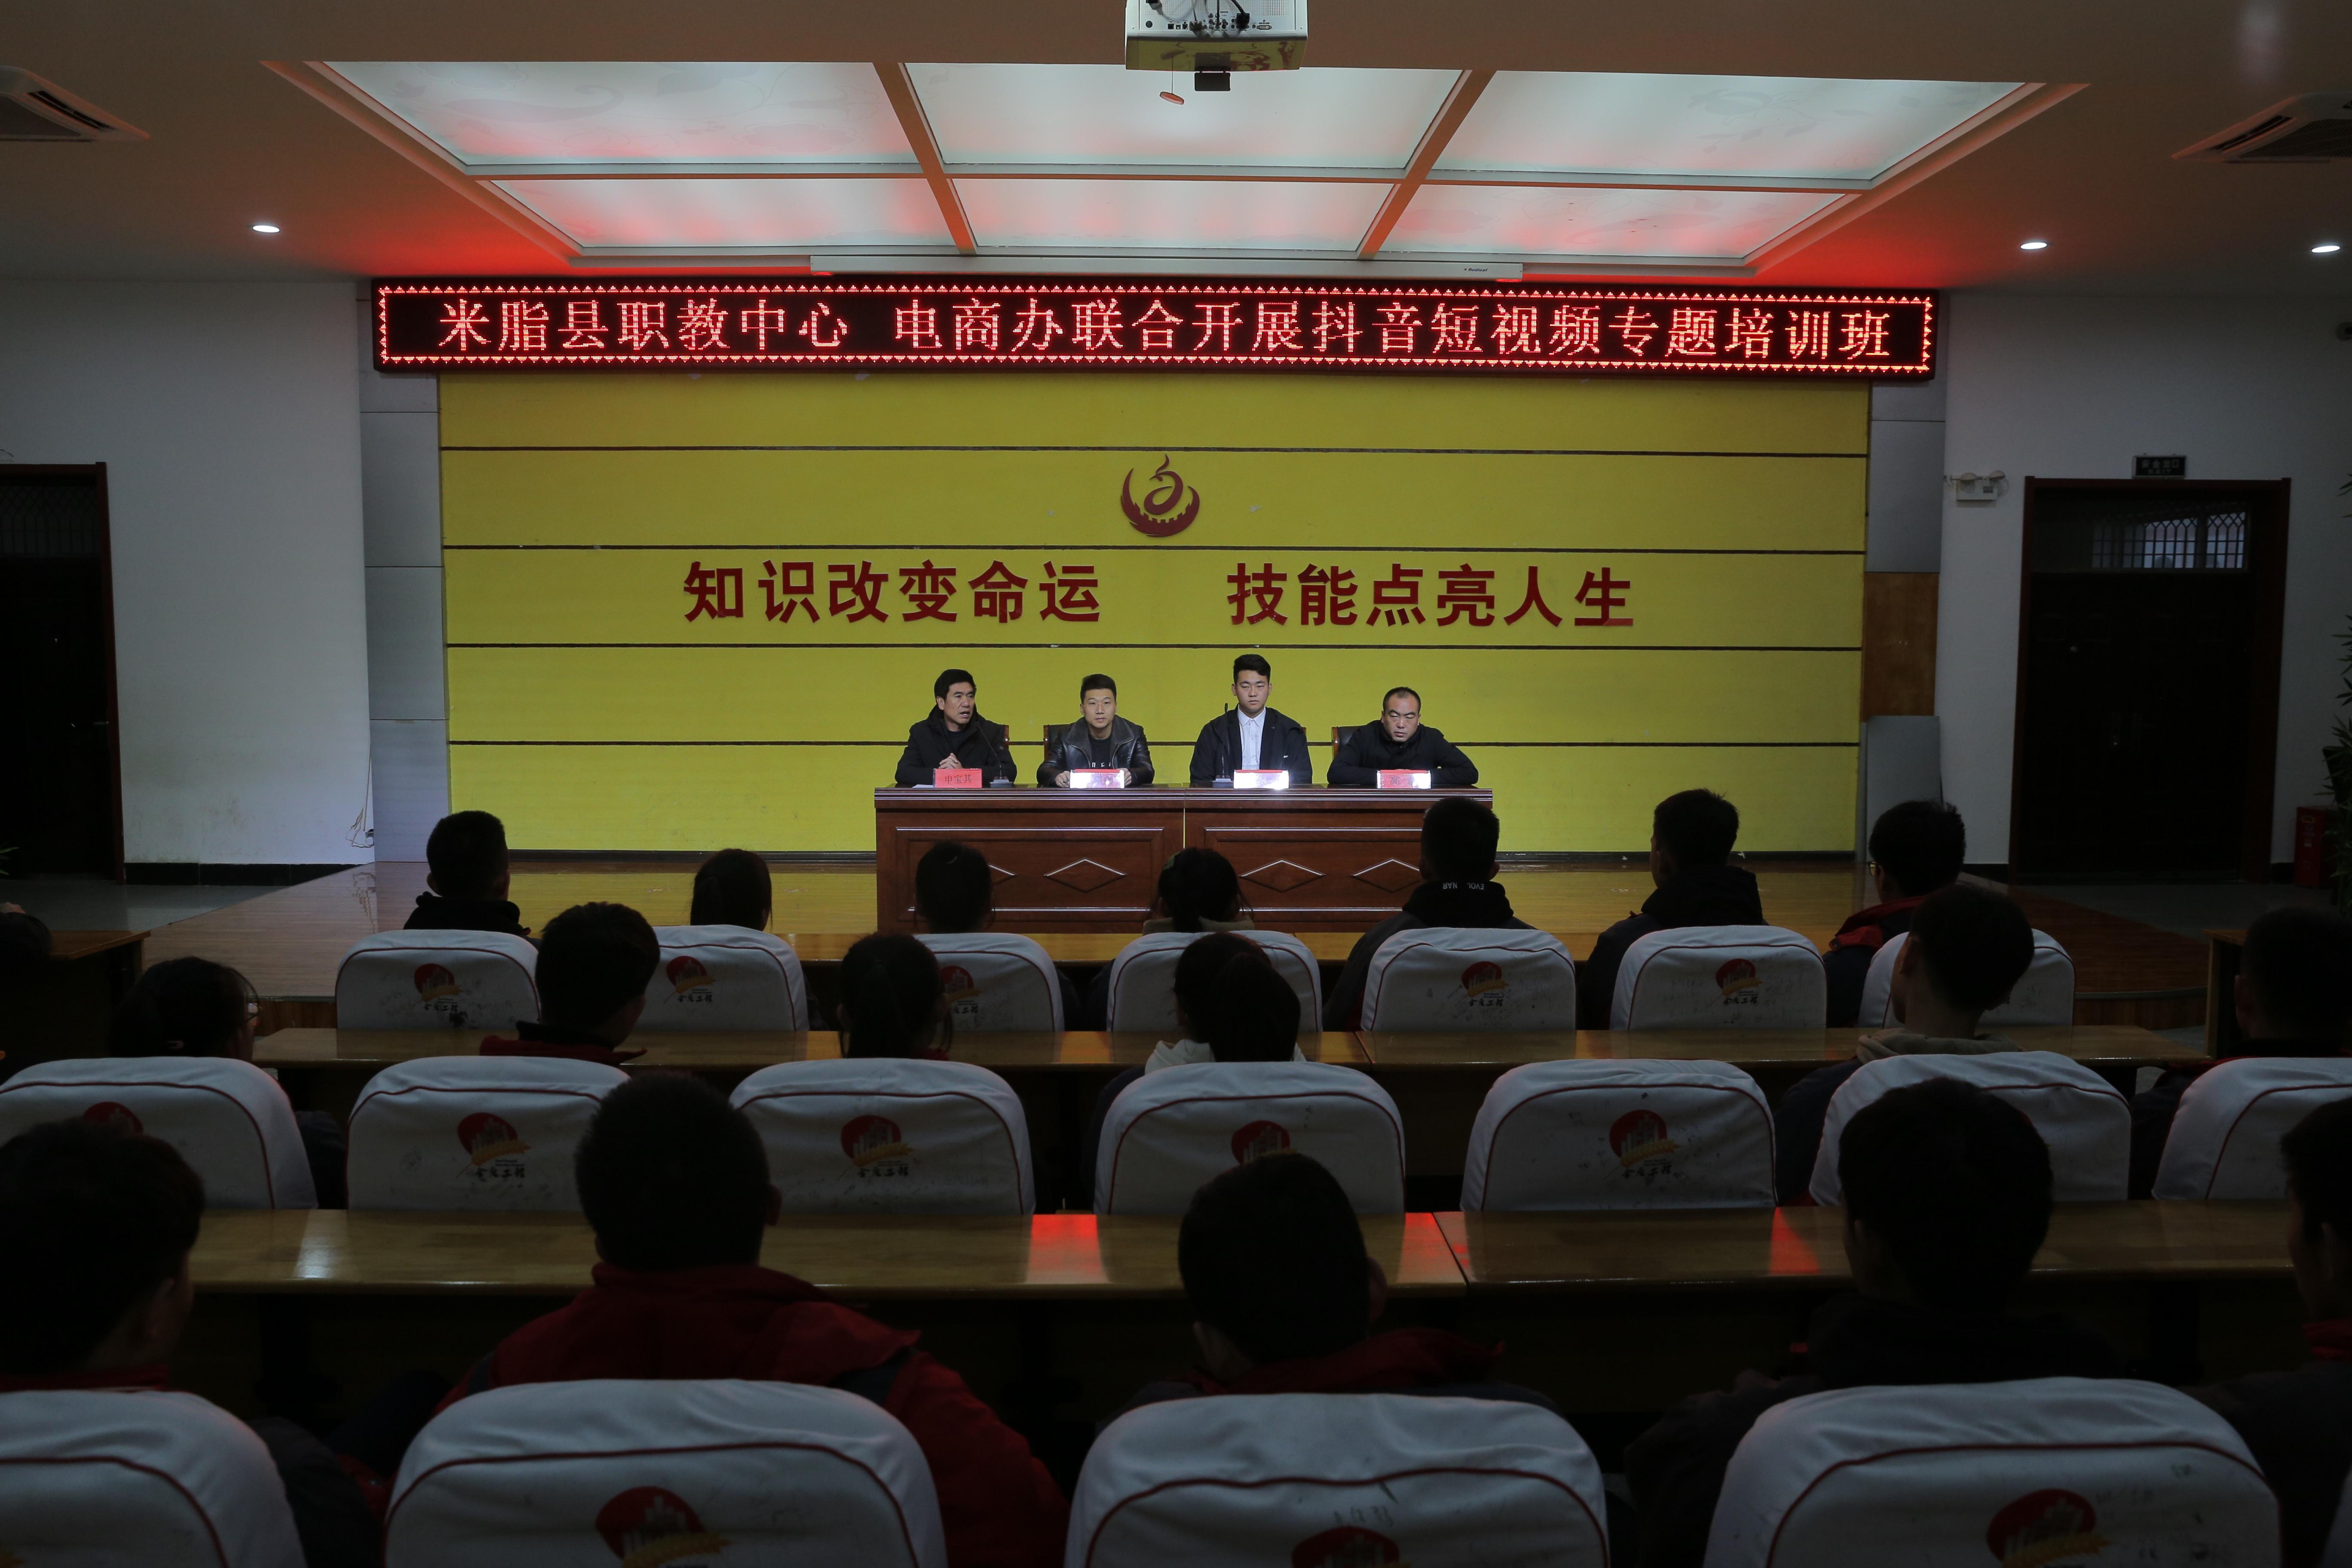 米脂县职教中心举办抖音短视频制作专题培训会